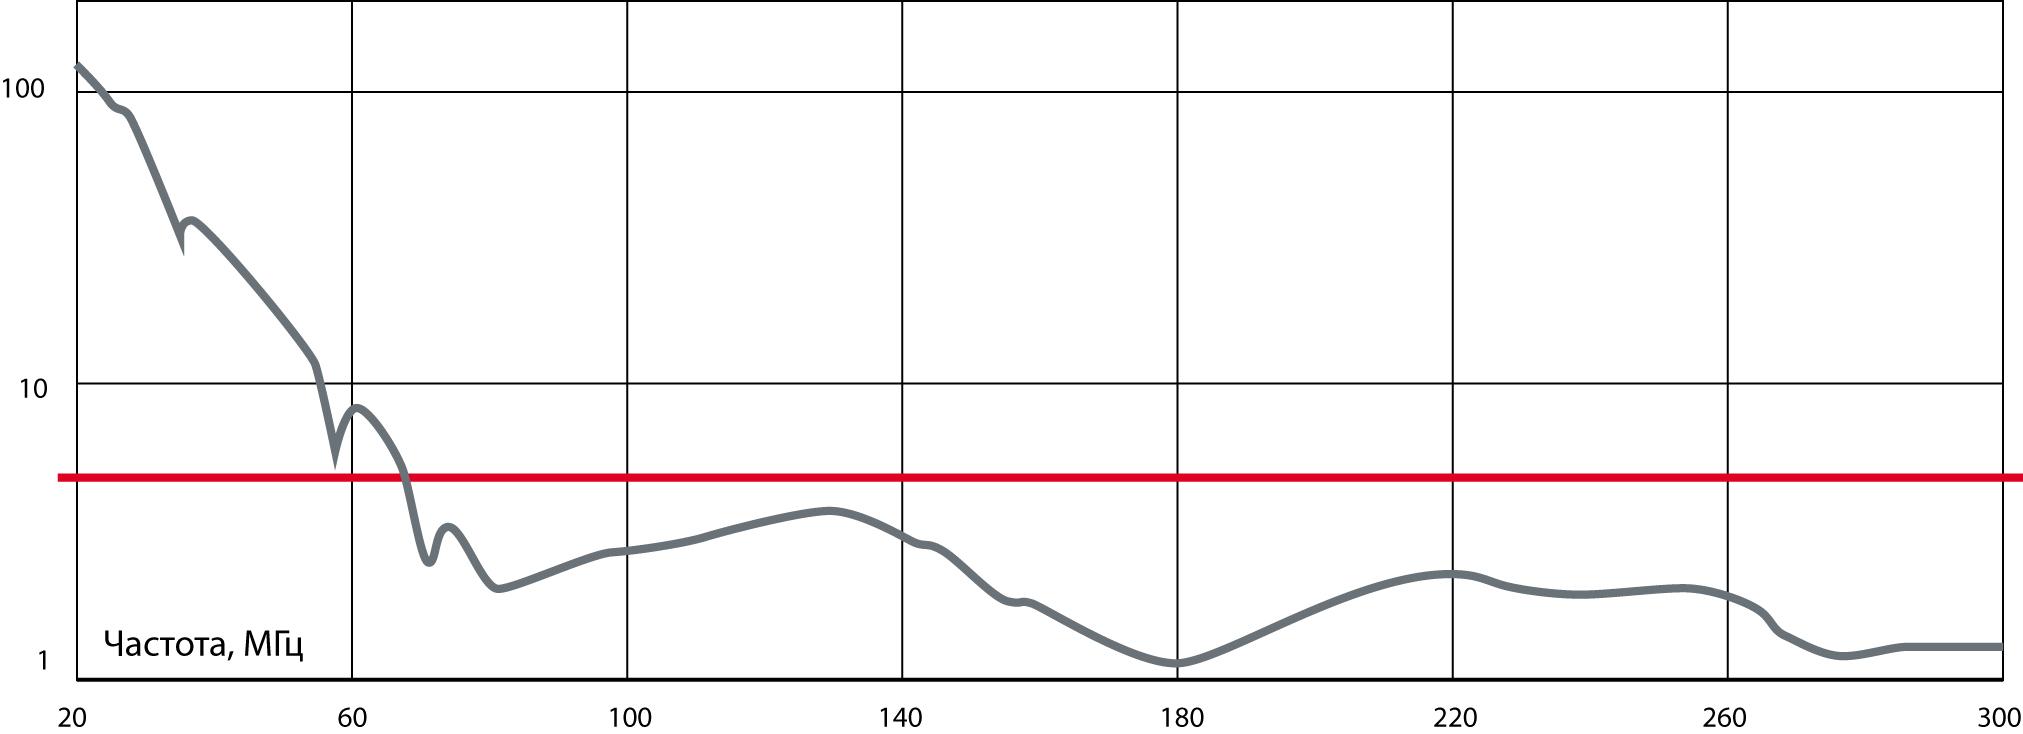 Типичное значение КСВН биконической антенныизмерения устойчивости, измерительная система снаружи